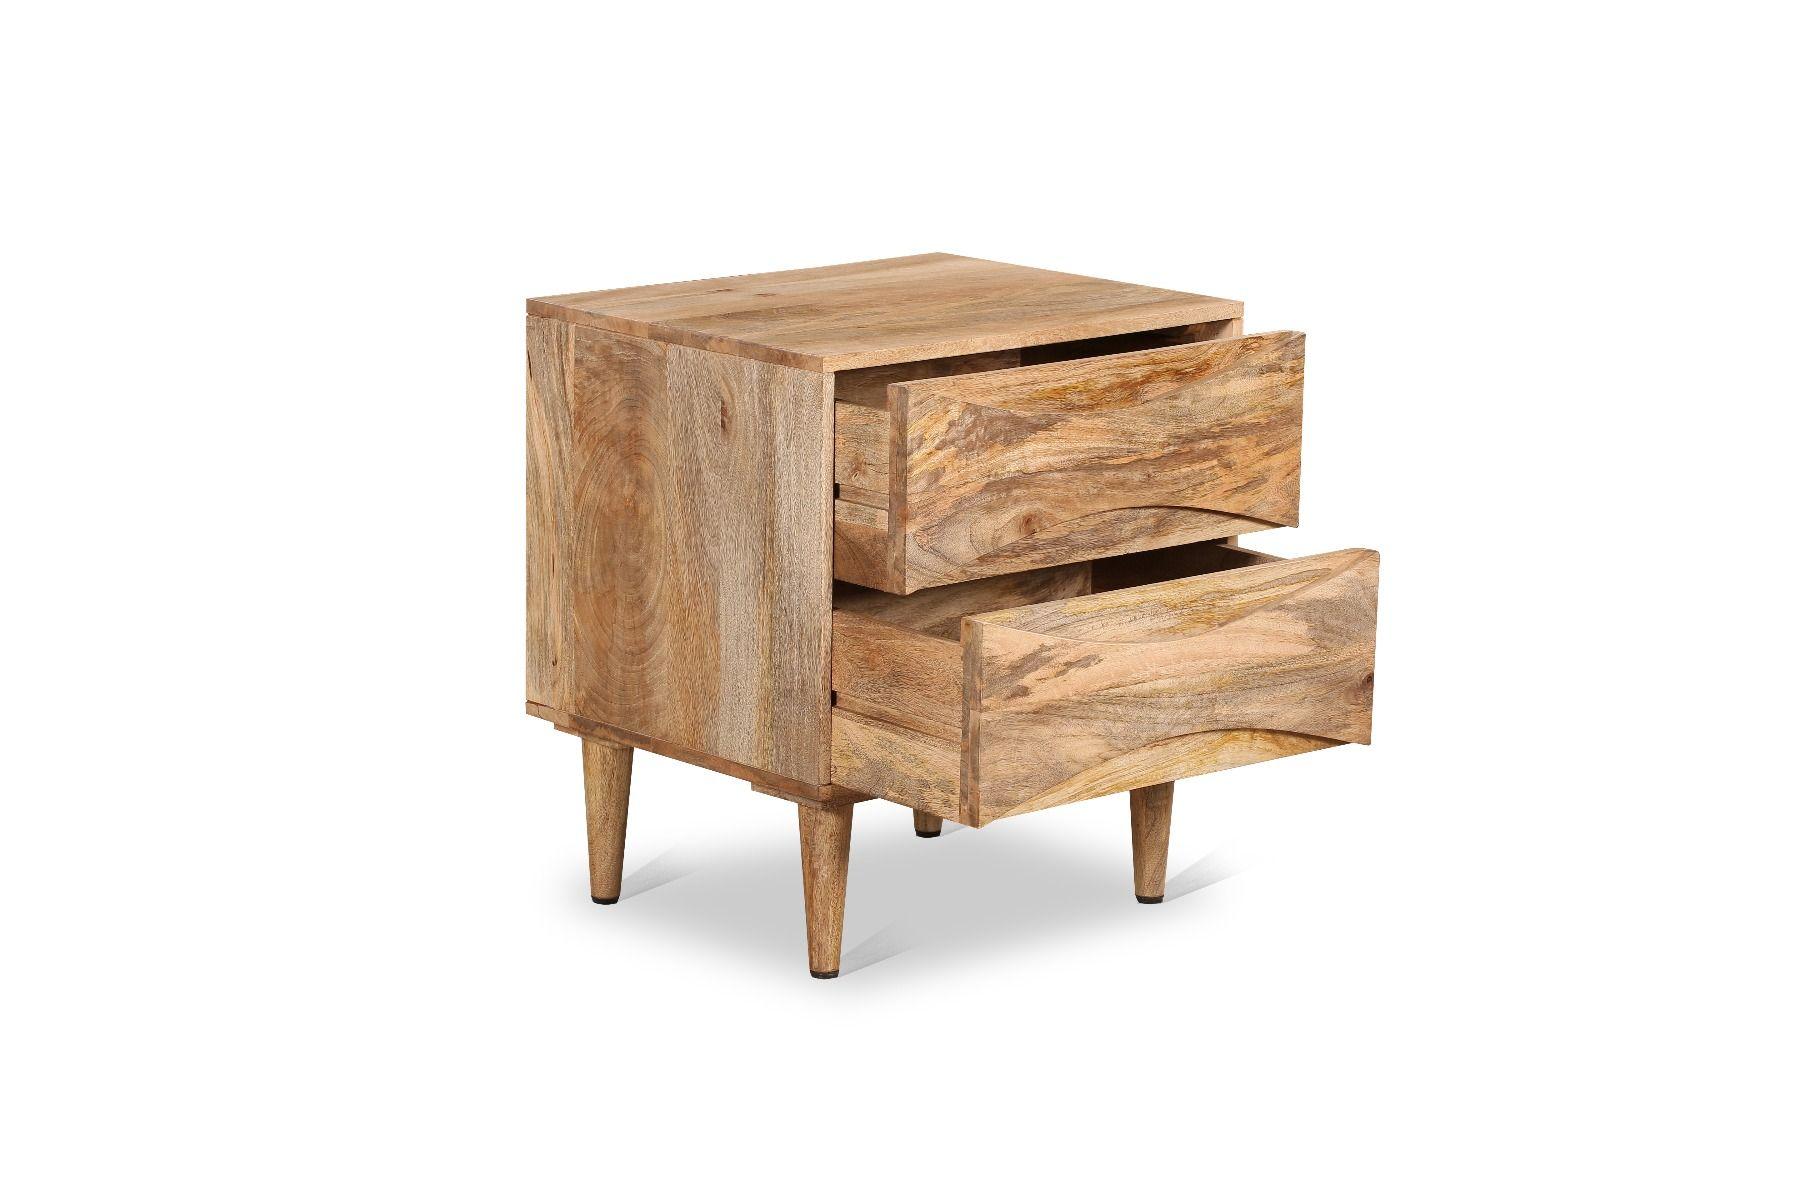 Duke Bedside Table Online Only Timber Matt Blatt Bedside Table Table Solid Mango Wood